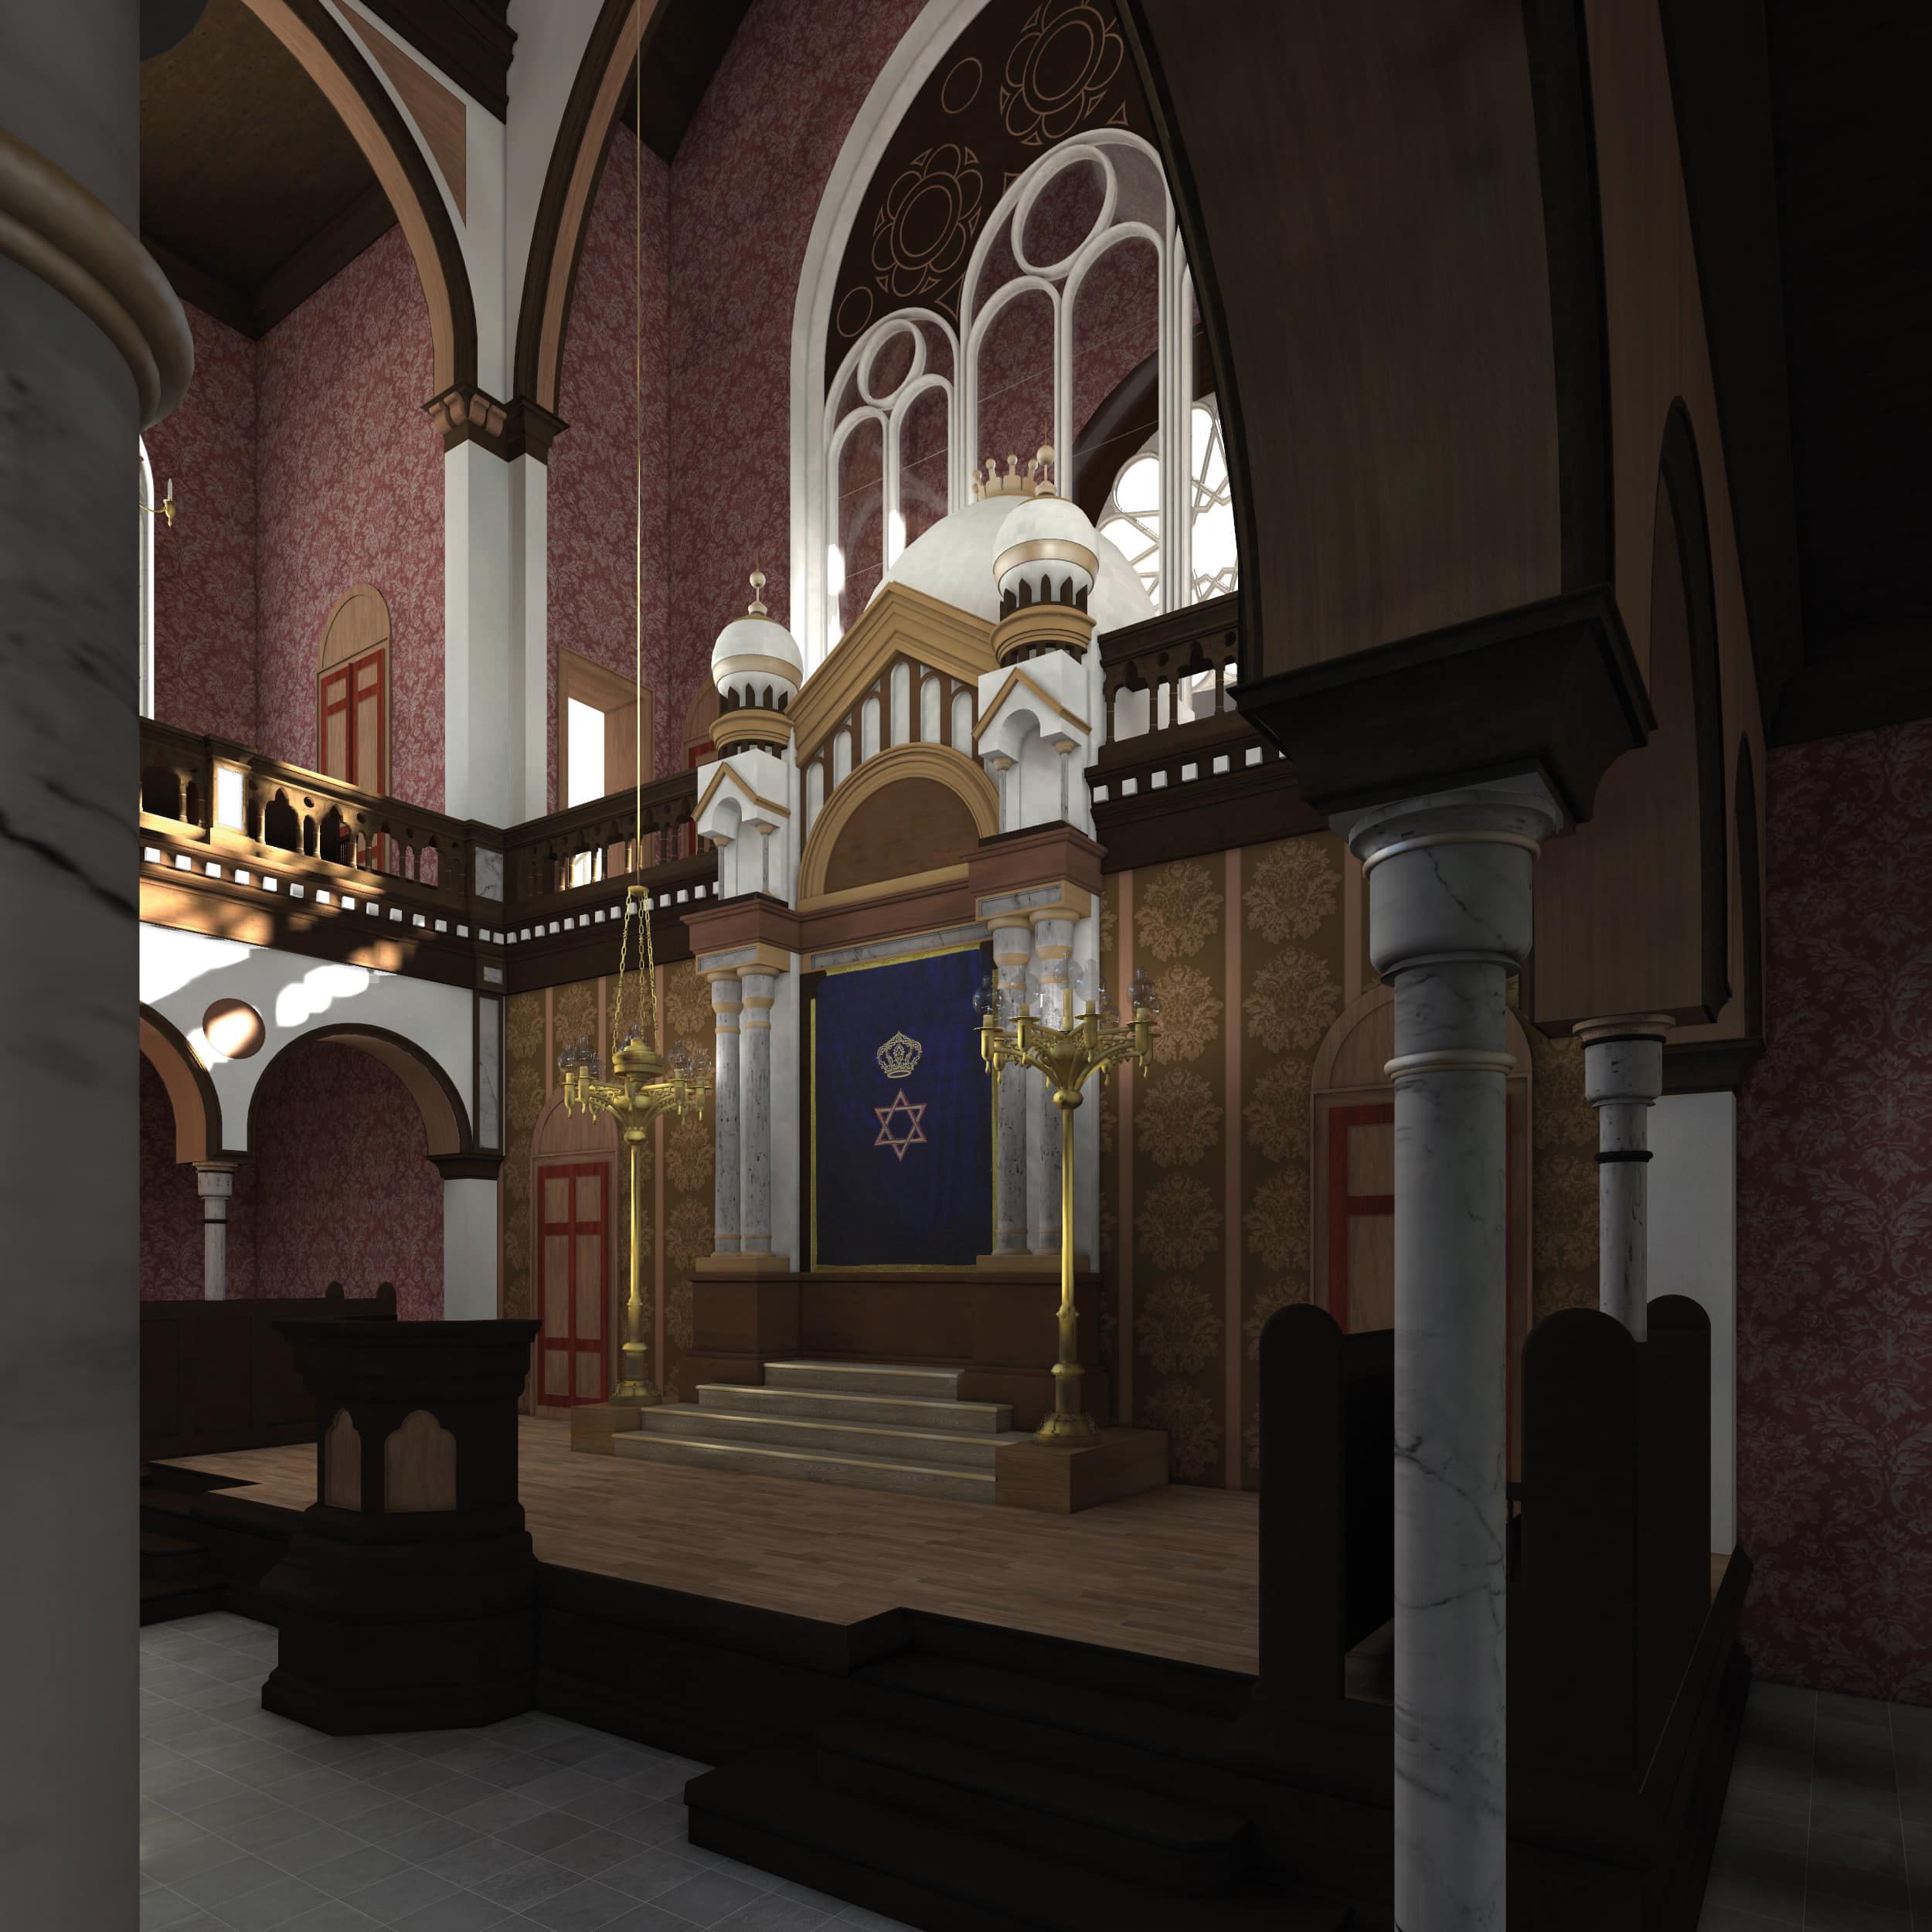 Visualisierung der Synagoge Marienbad, Innenansicht, Thoraschrein